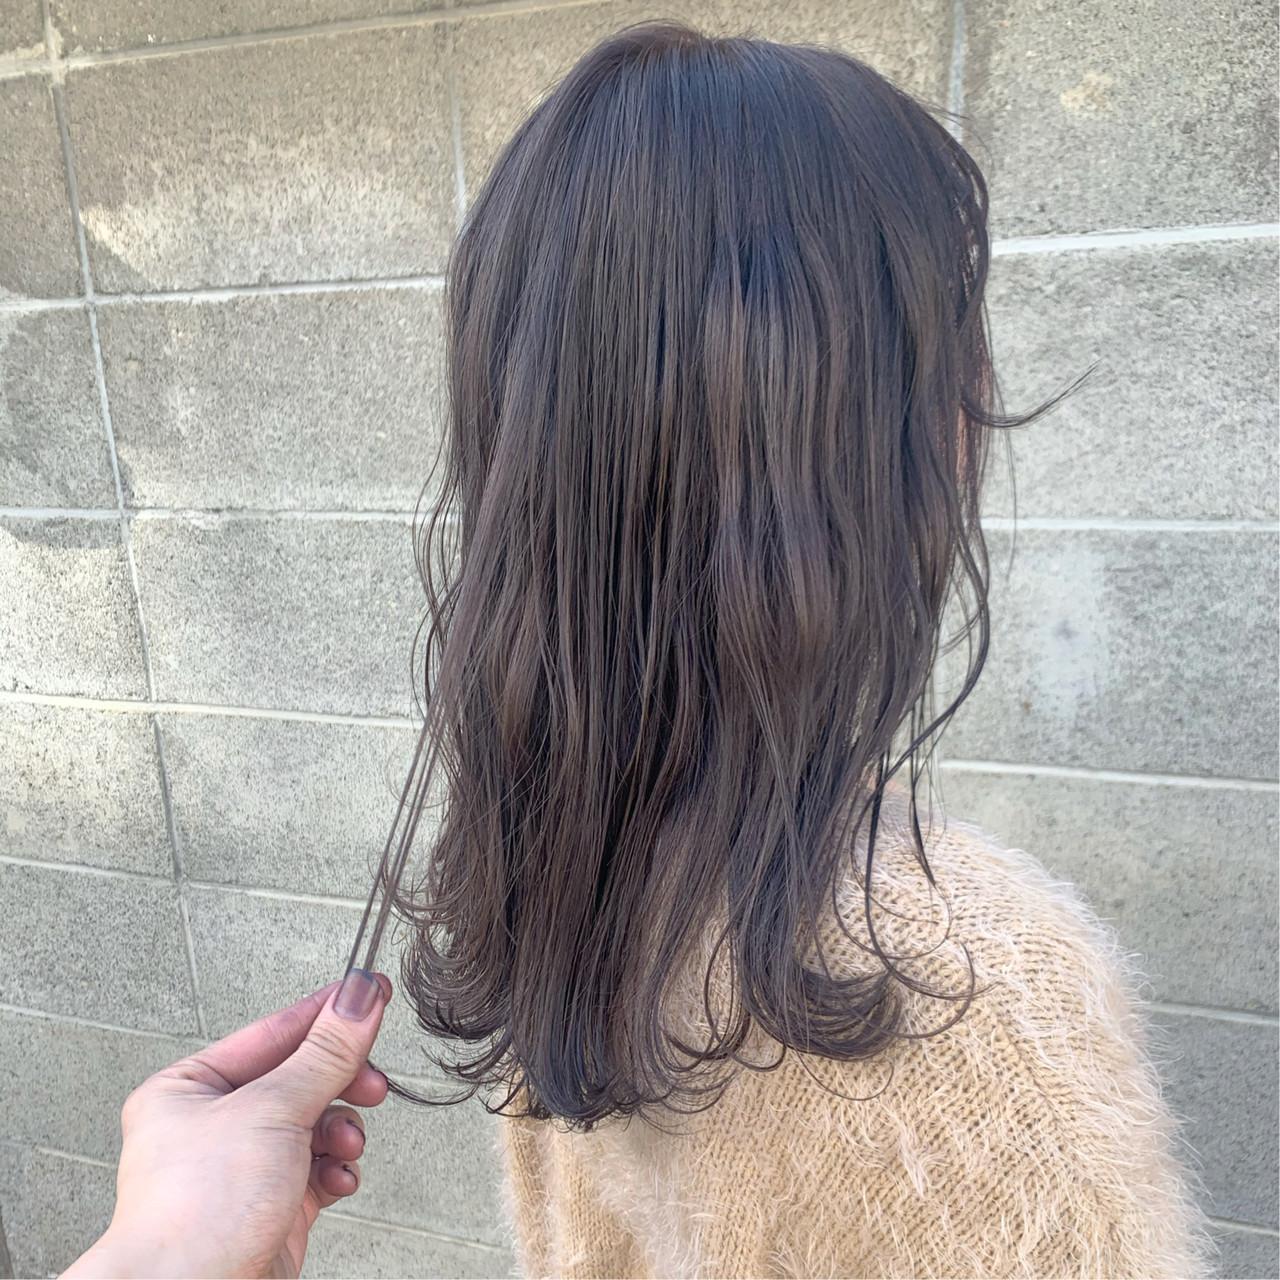 透明感カラー 透明感 セミロング ラベージュヘアスタイルや髪型の写真・画像